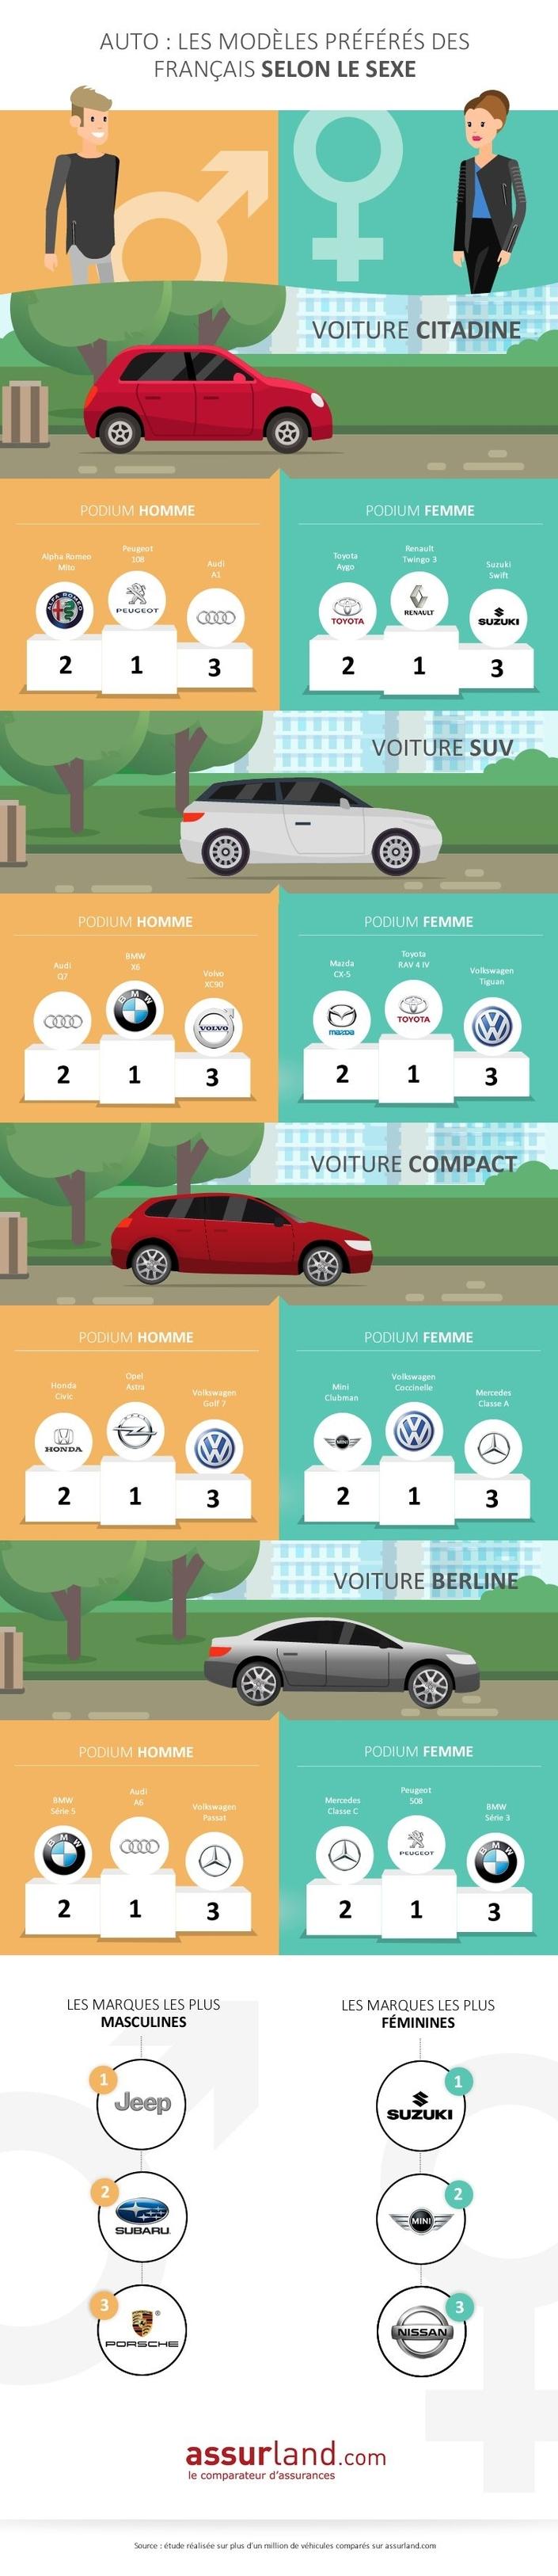 Jeep et Suzuki, marques préférées des hommes et femmes en France